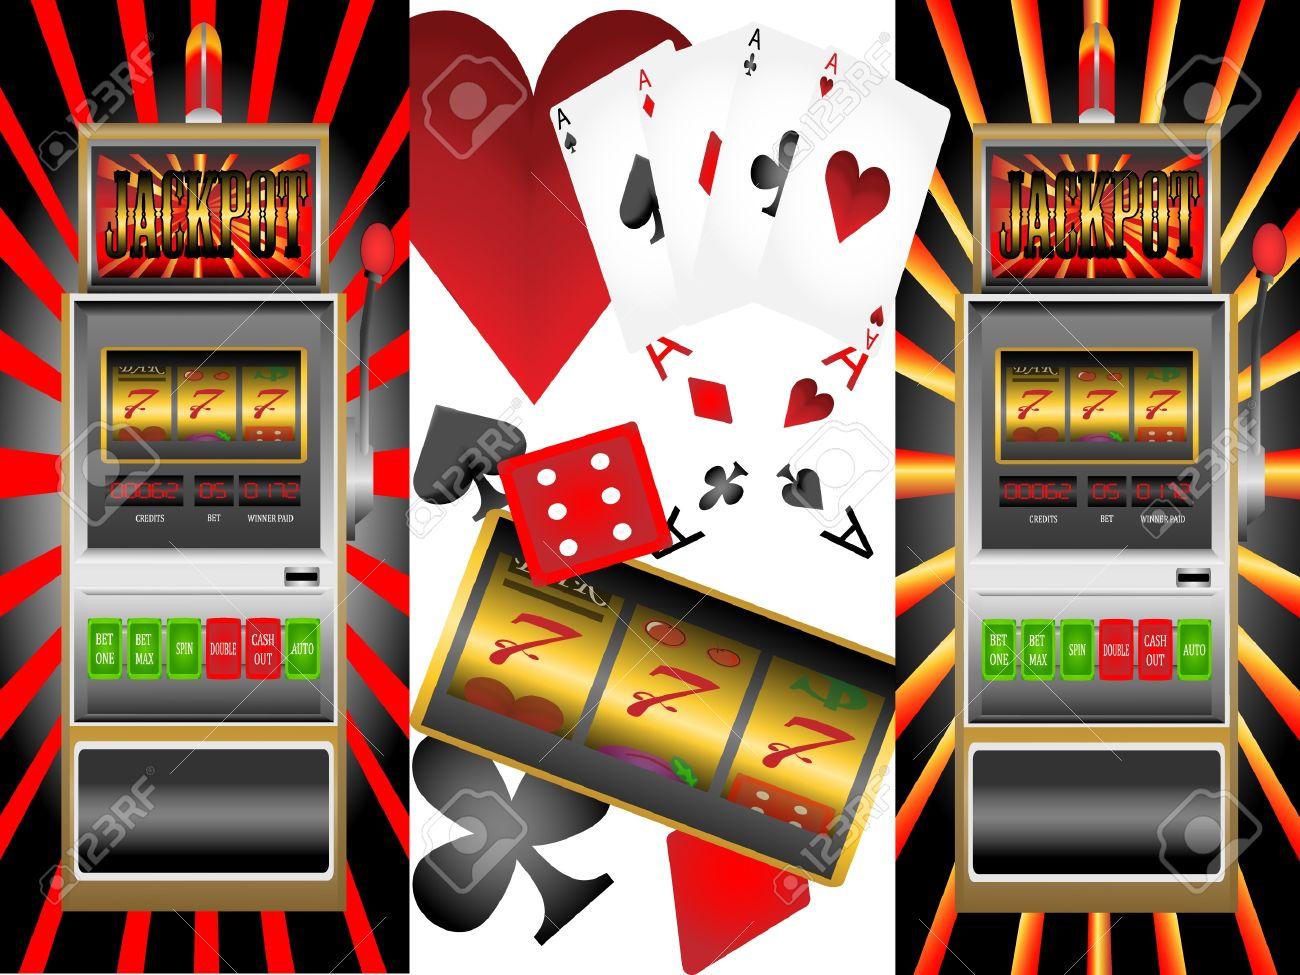 Игровые автоматы карты покер игровые аппараты скалолаз безплатно